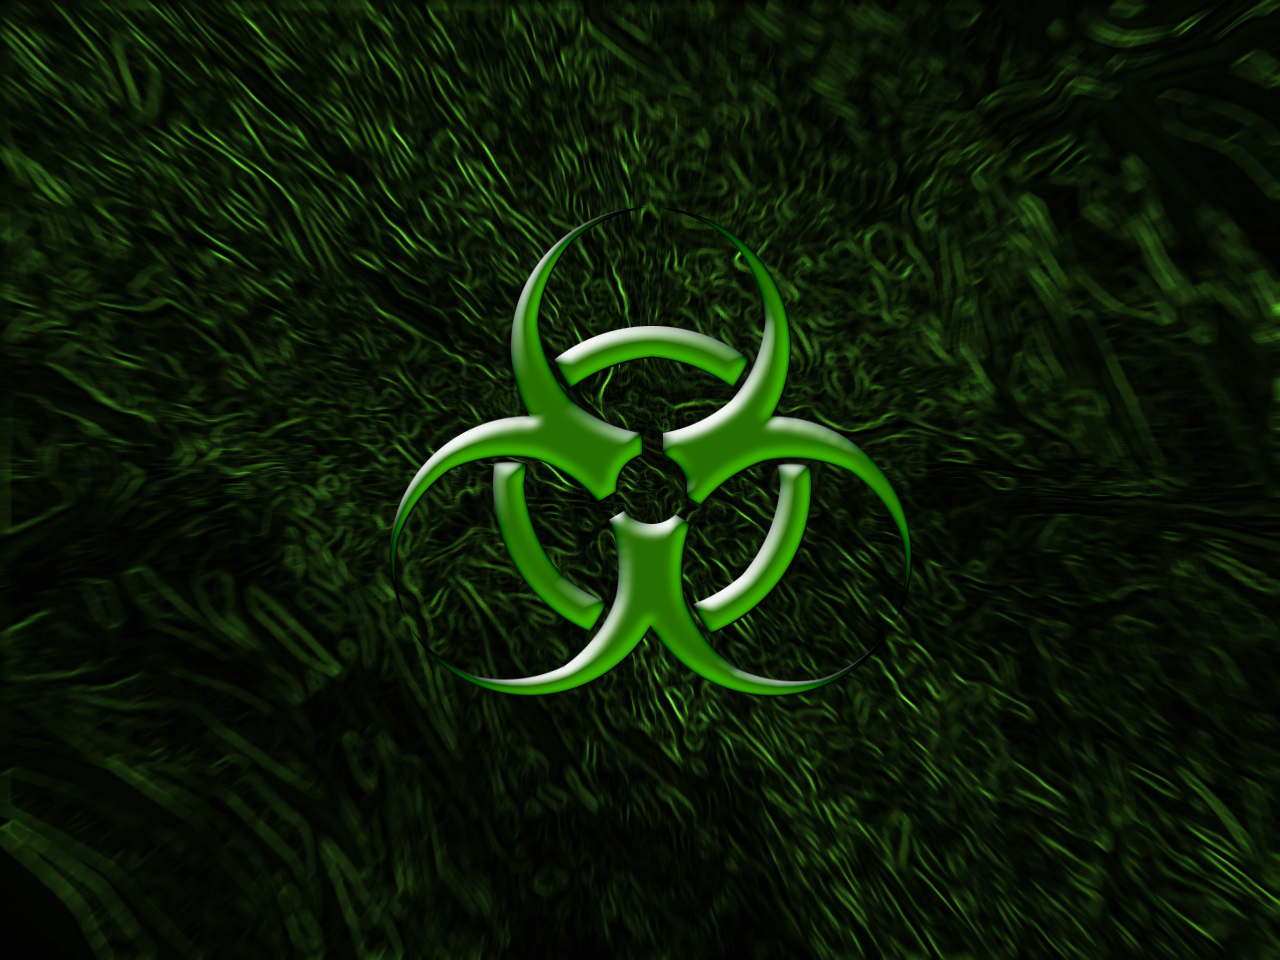 BioHazard Green by GrimreapeR1990 on DeviantArt